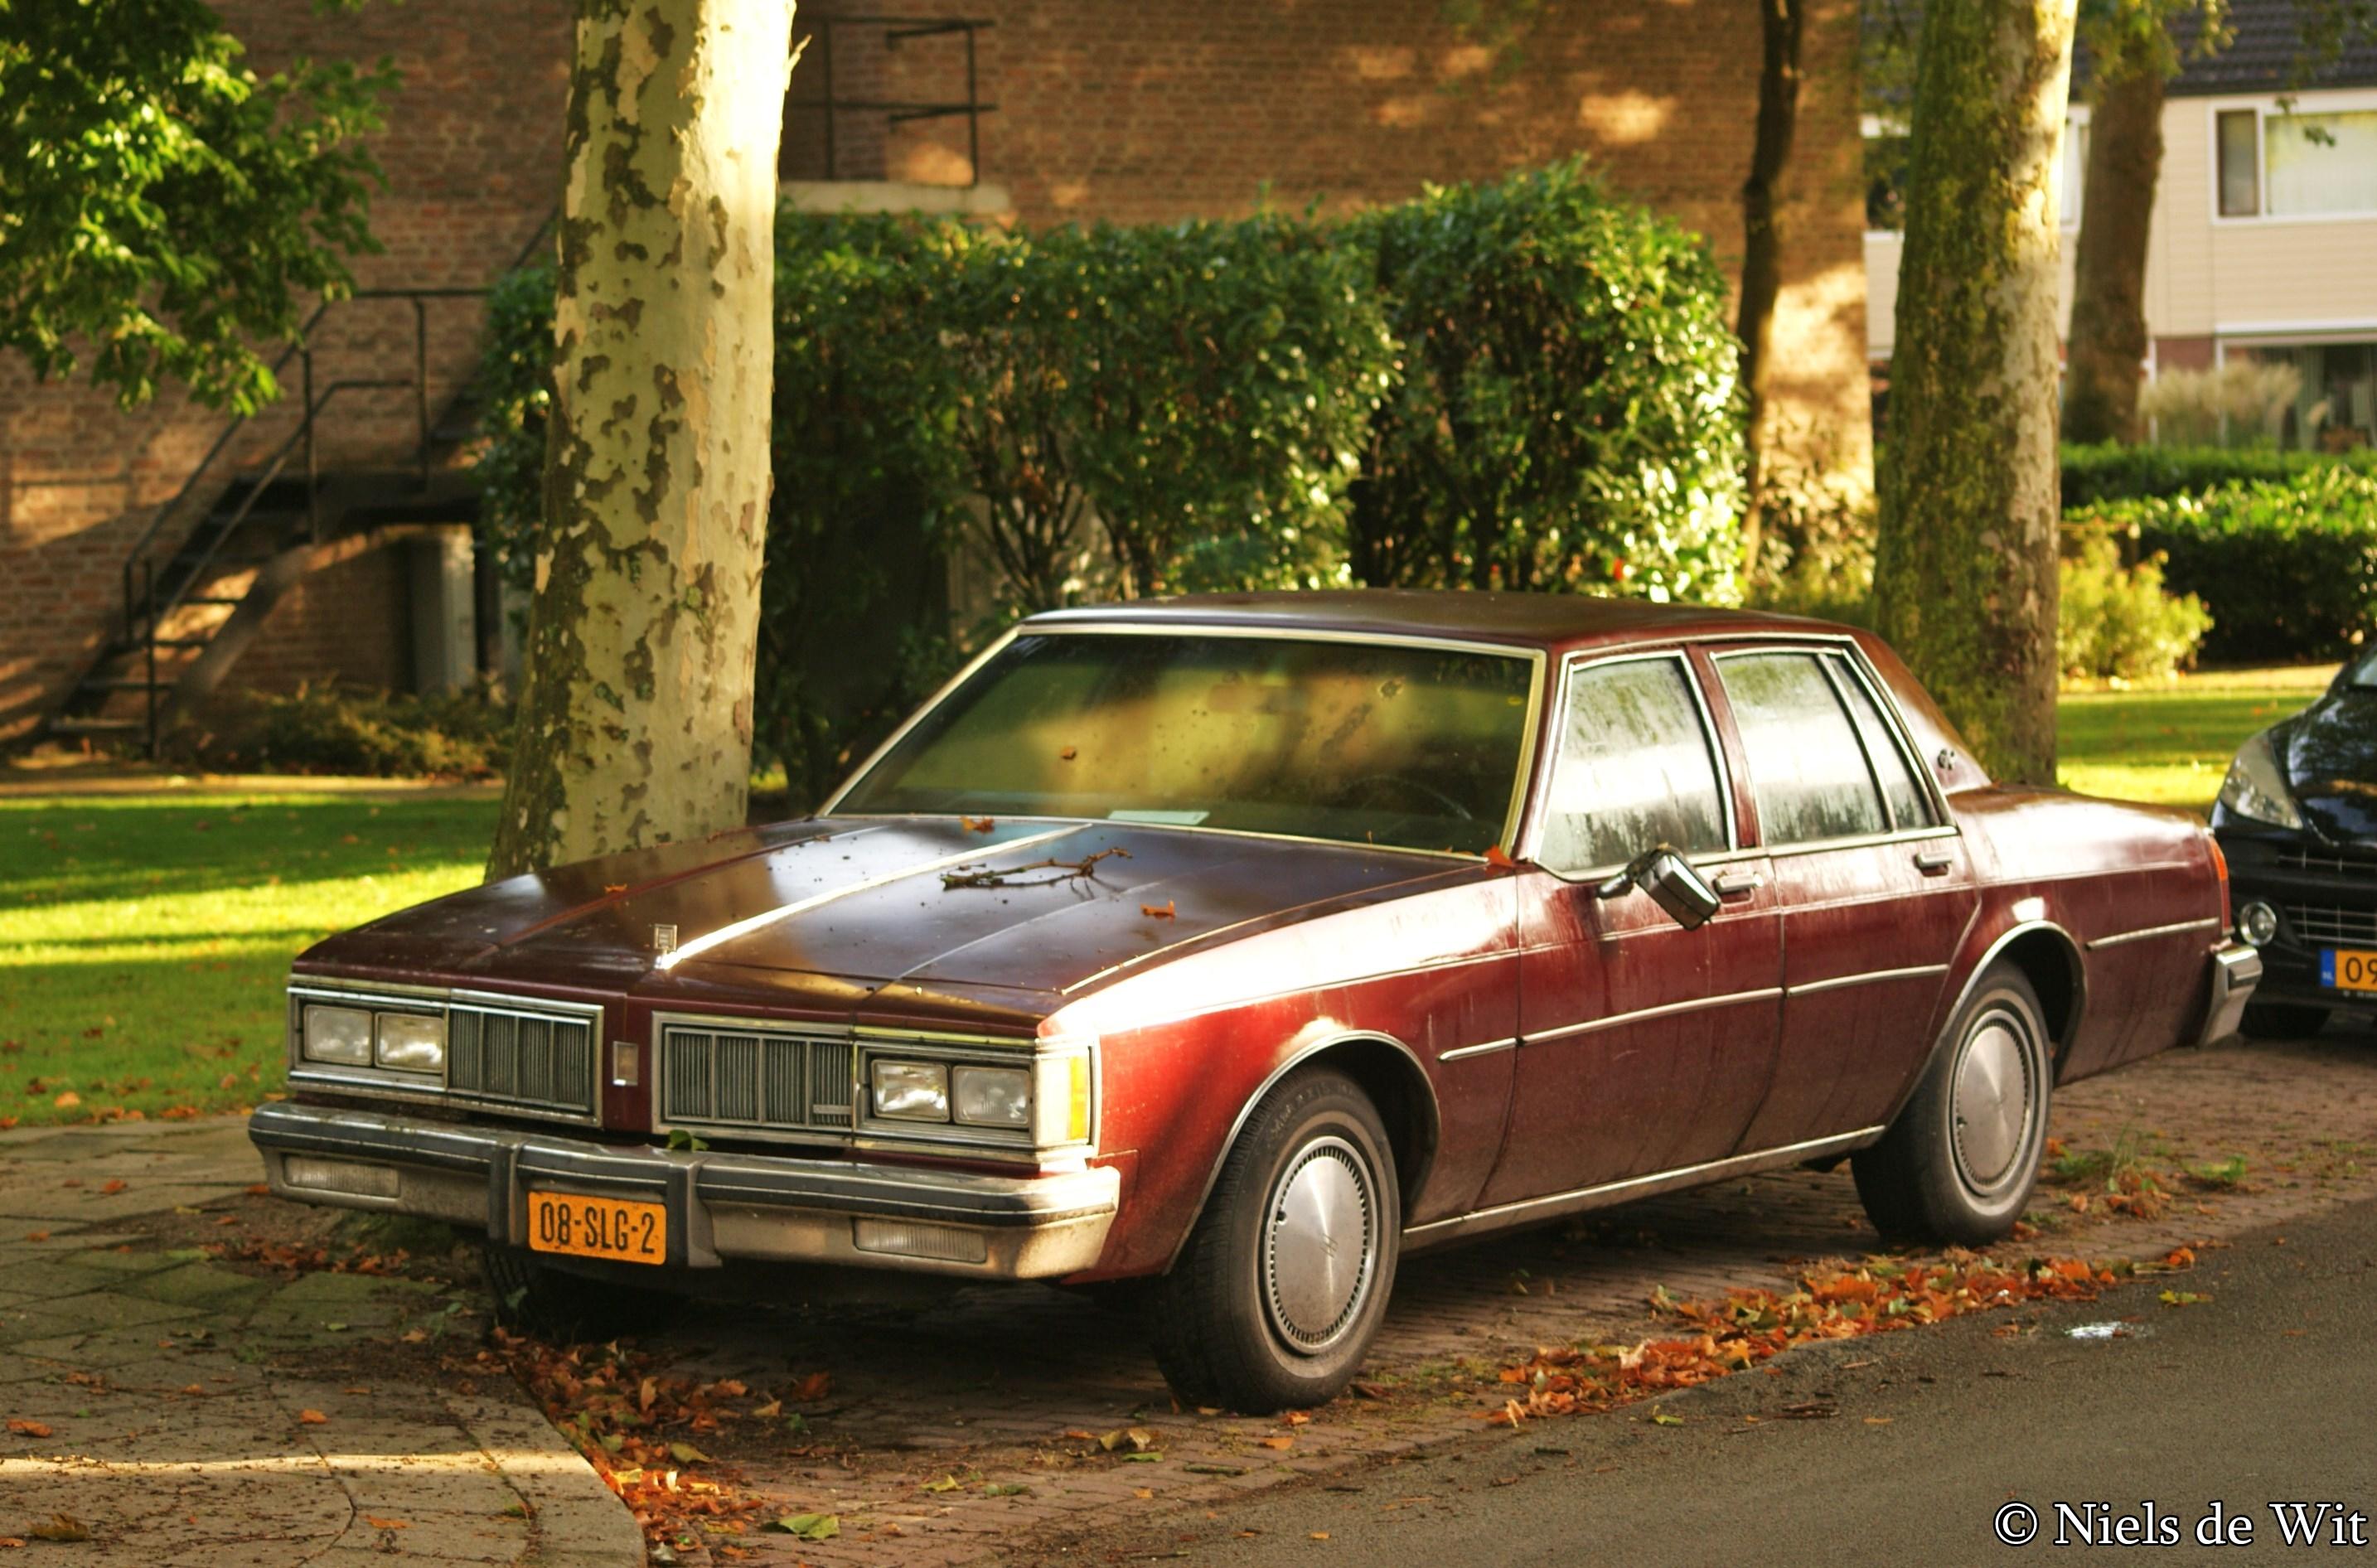 File:1980 Oldsmobile Delta 88 Royale Diesel (15350079195 ...1980 Oldsmobile Delta 88 Photos